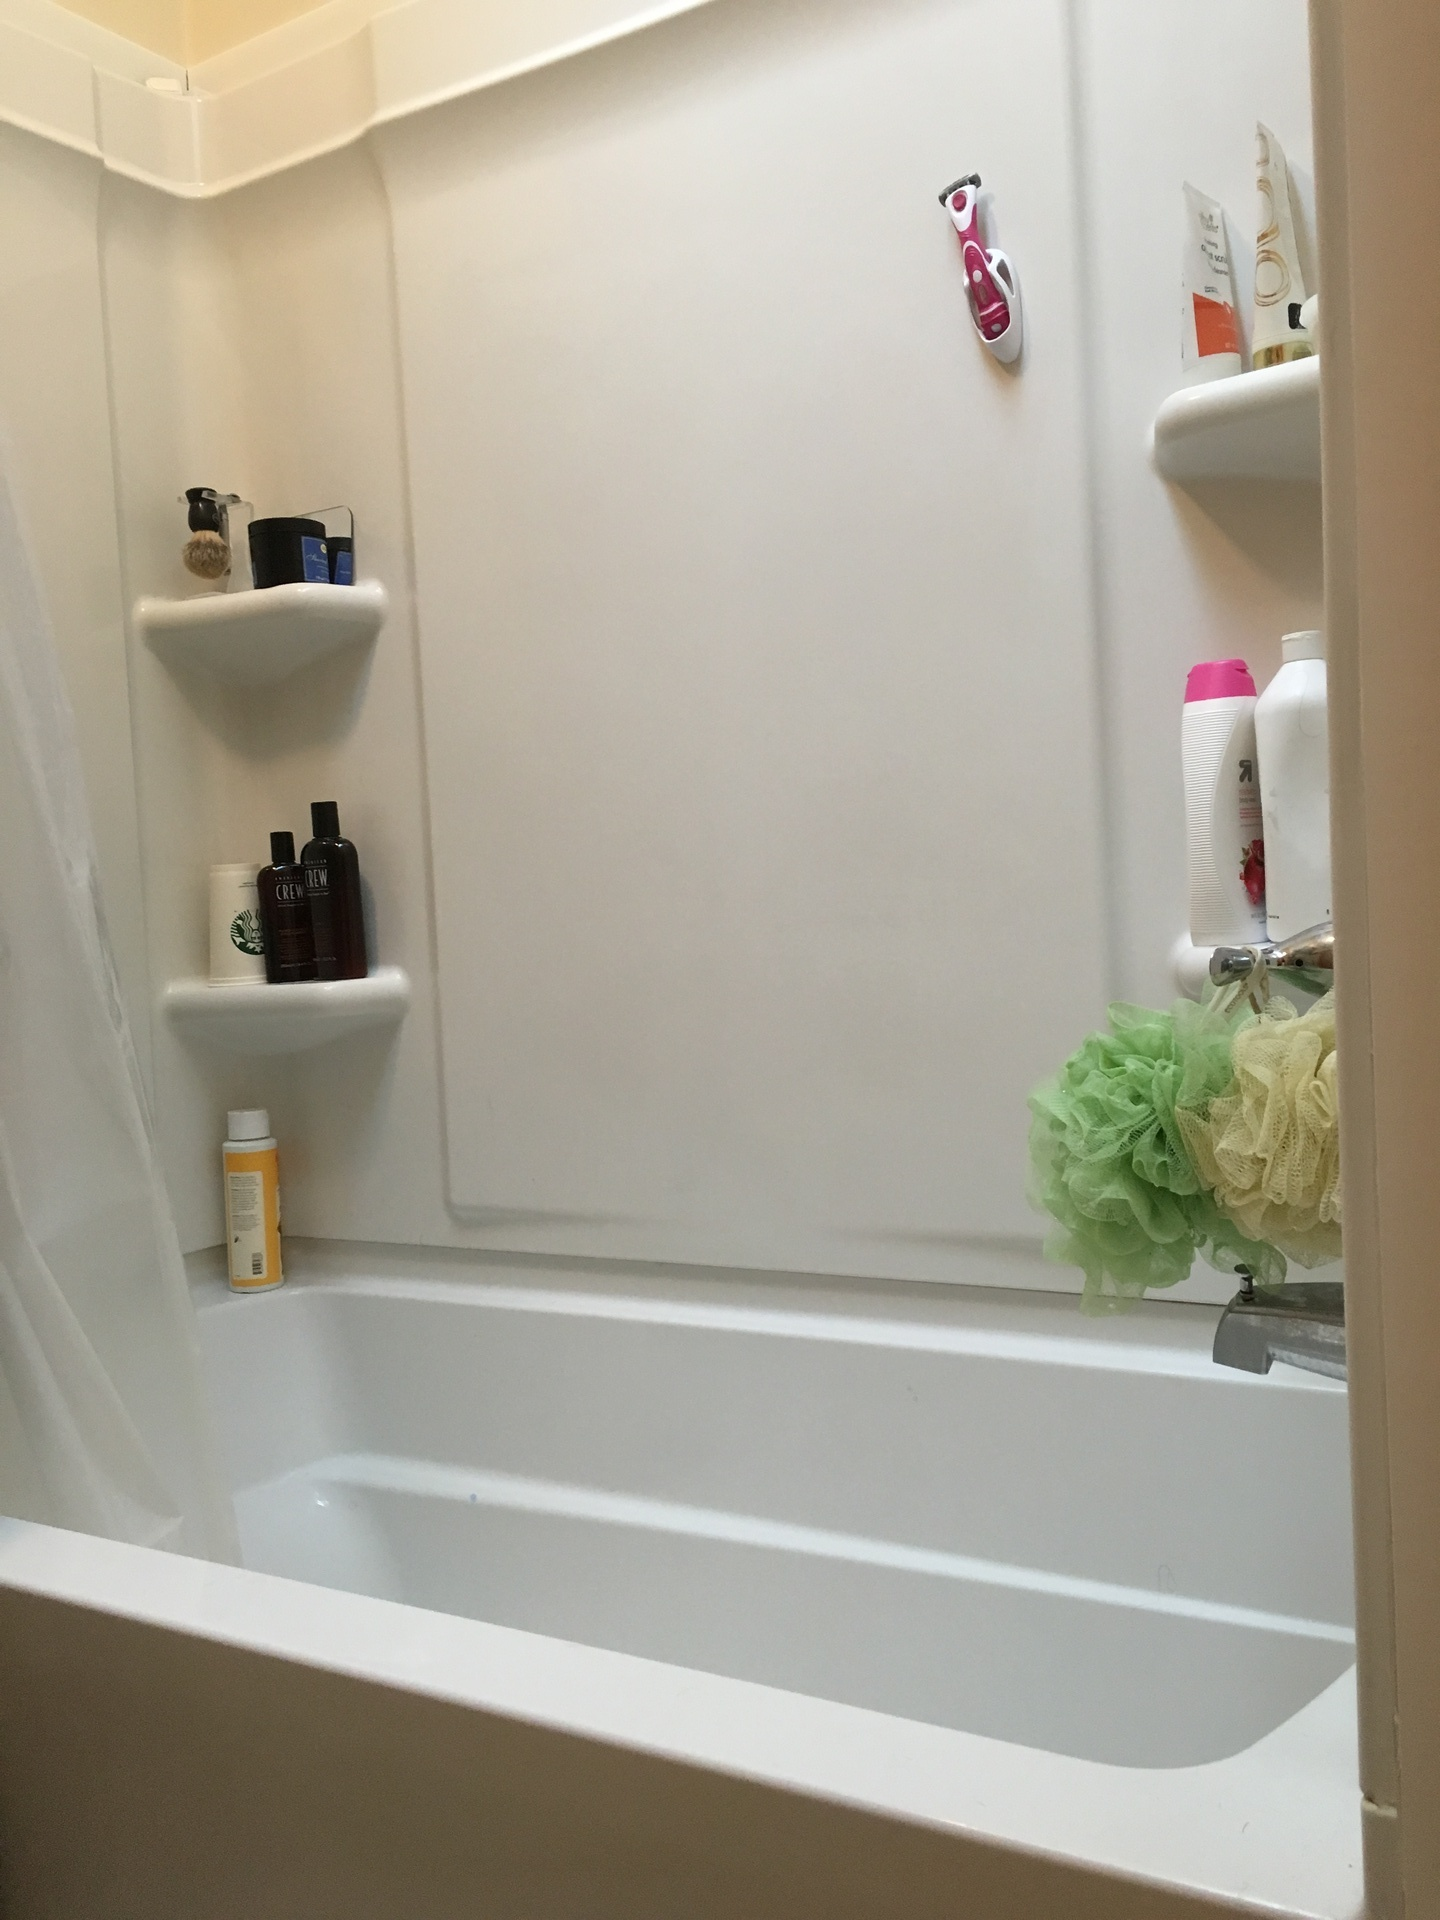 Shower/ Tub